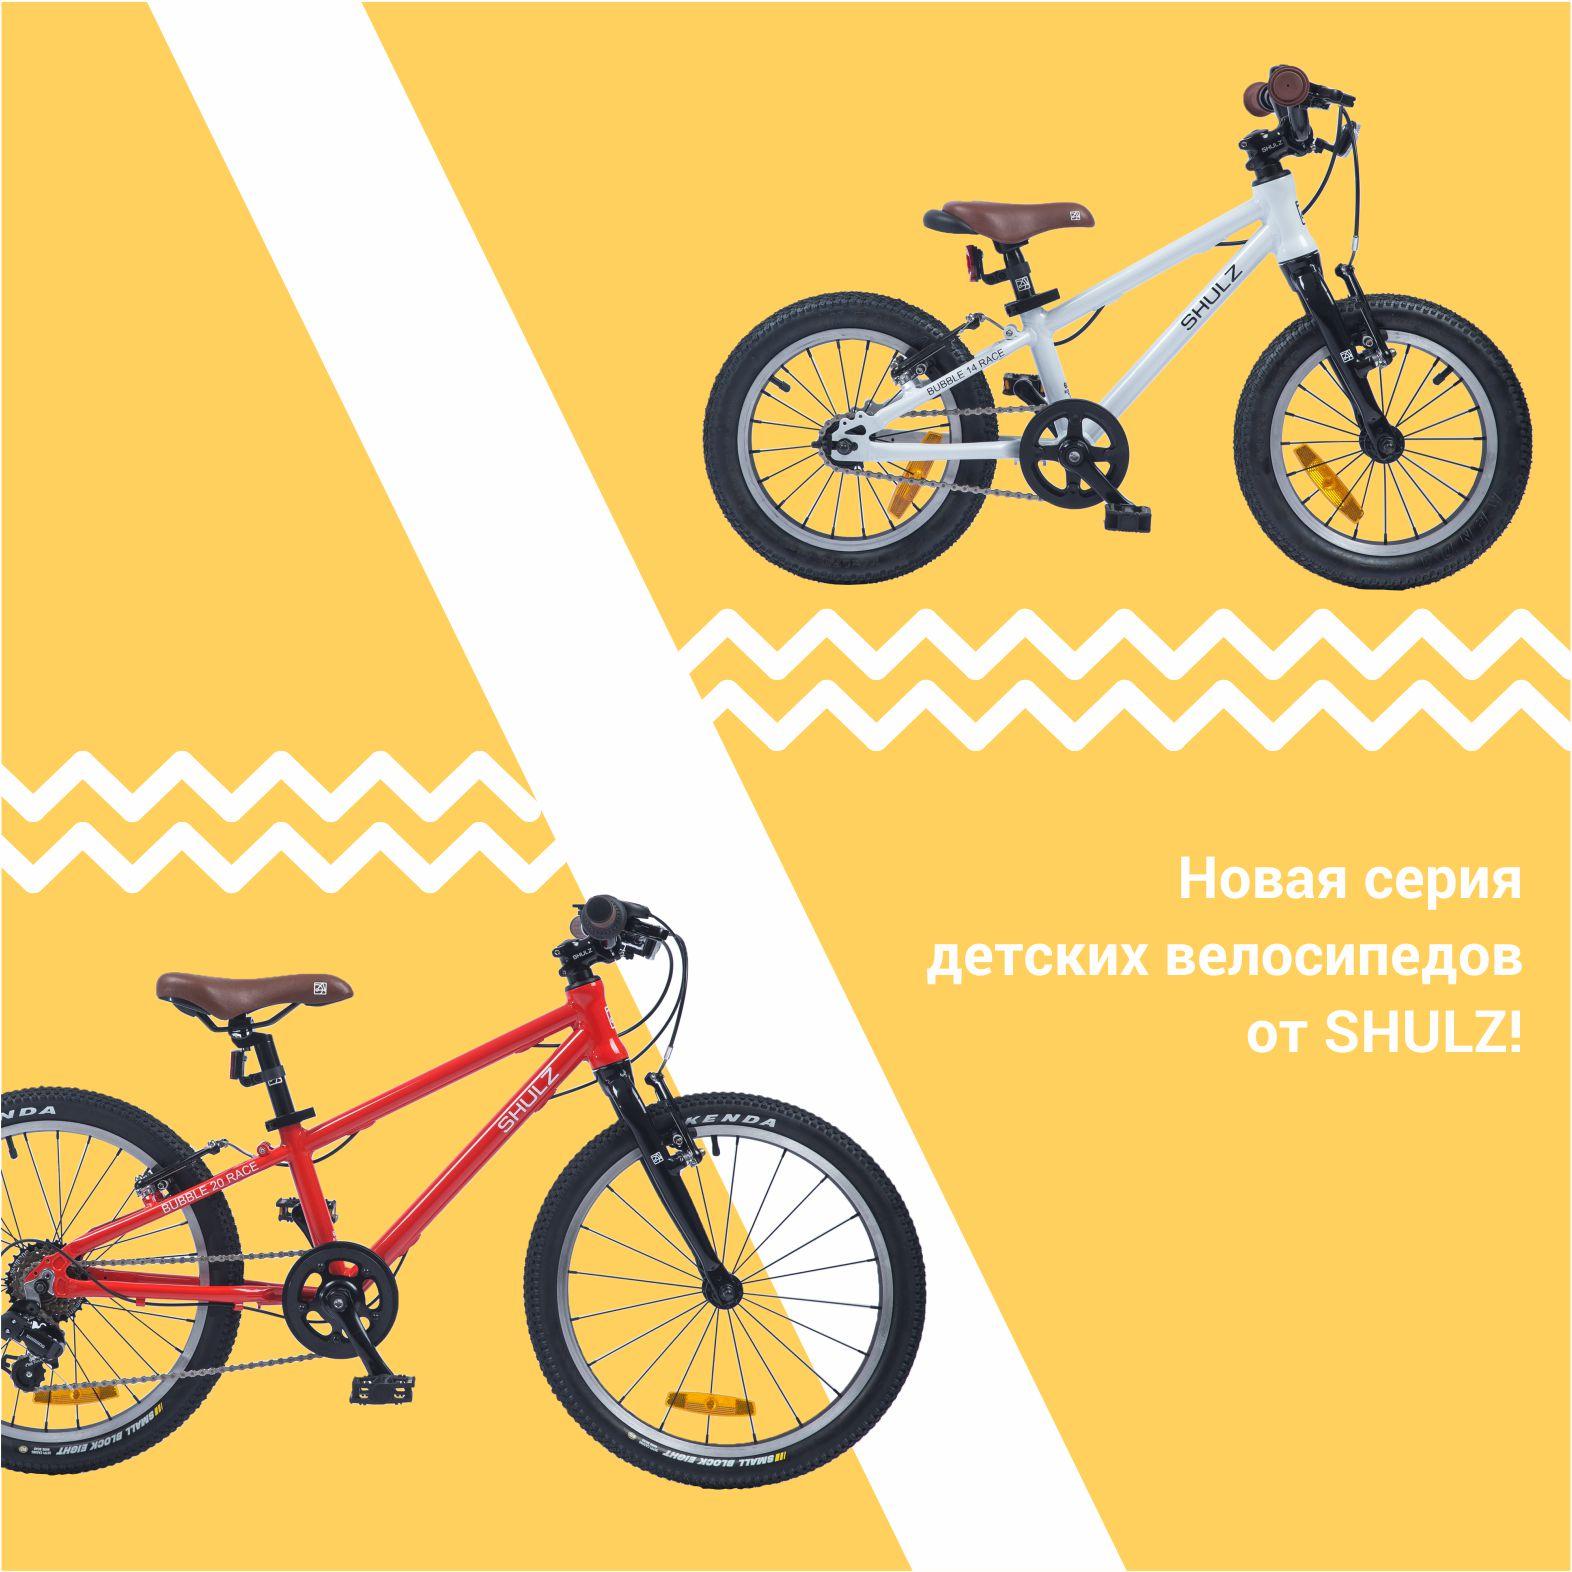 Новая серия детских велосипедов от Shulz